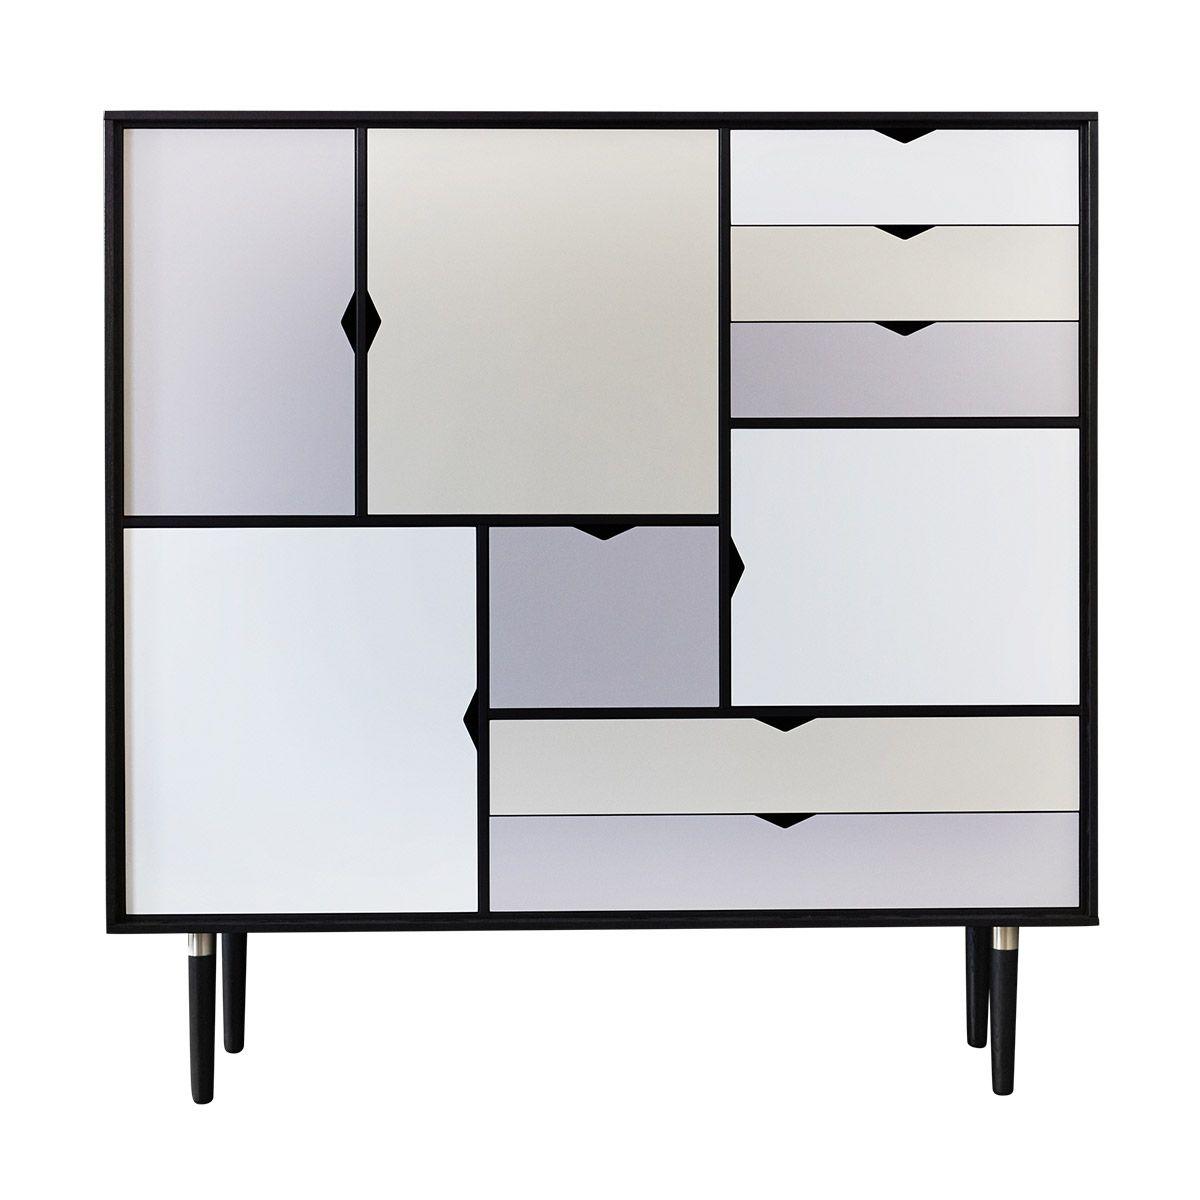 Andersen Furniture - S3 Højskænk - Sort lak - Farve - Gratis fragt